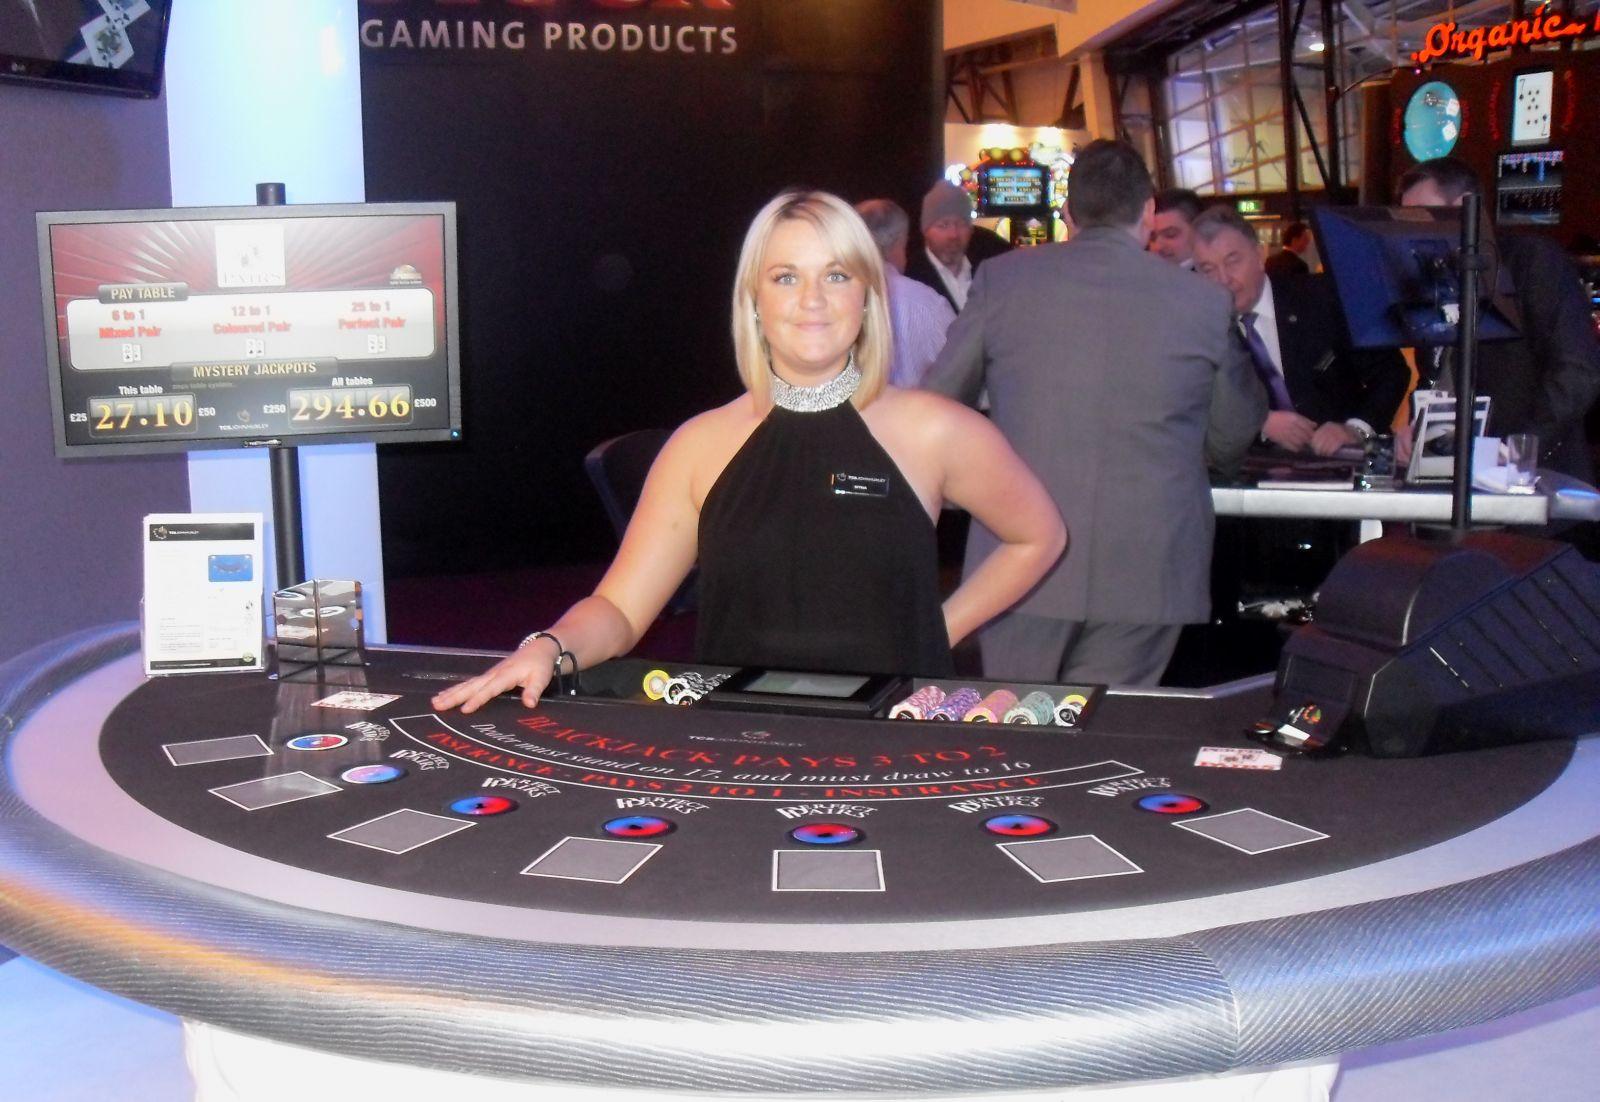 J'ai eu plus de chance avec le poker en ligne